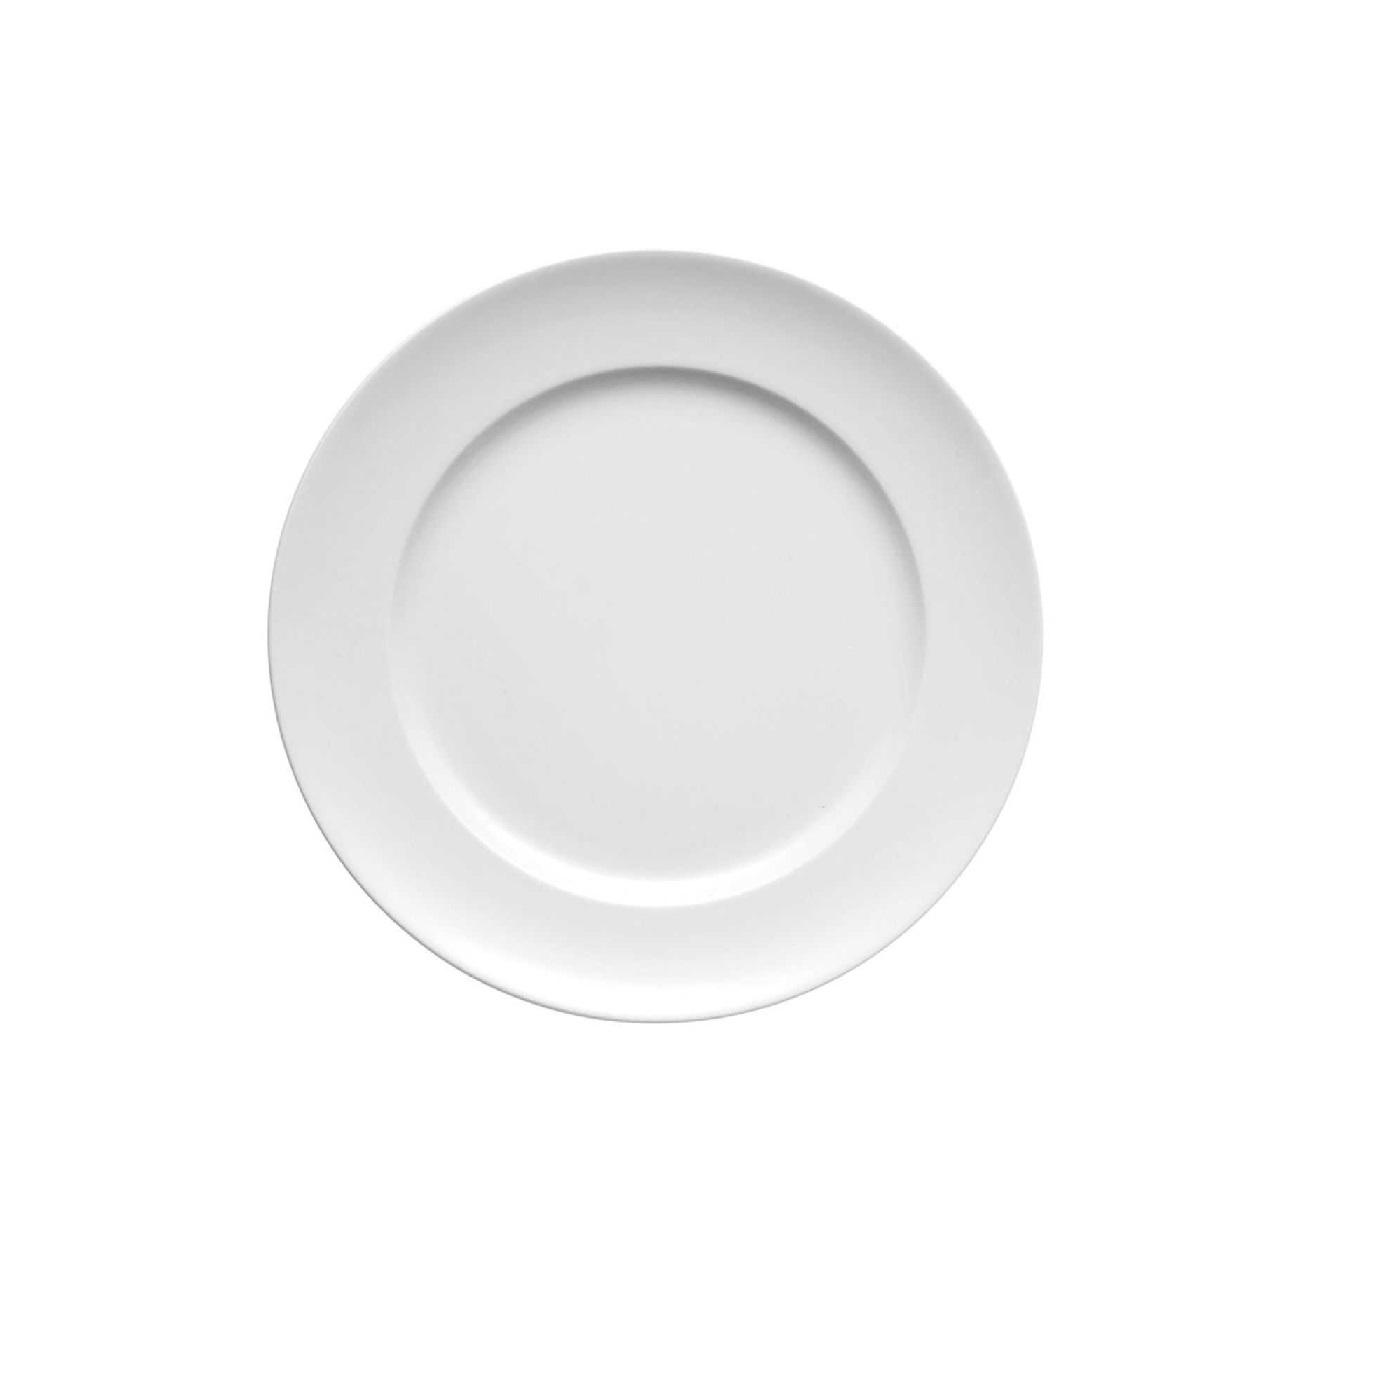 Тарелка основная Rosenthal SUNNY DAY, диаметр 27 см, белый Rosenthal 70850-800001-10227 фото 1